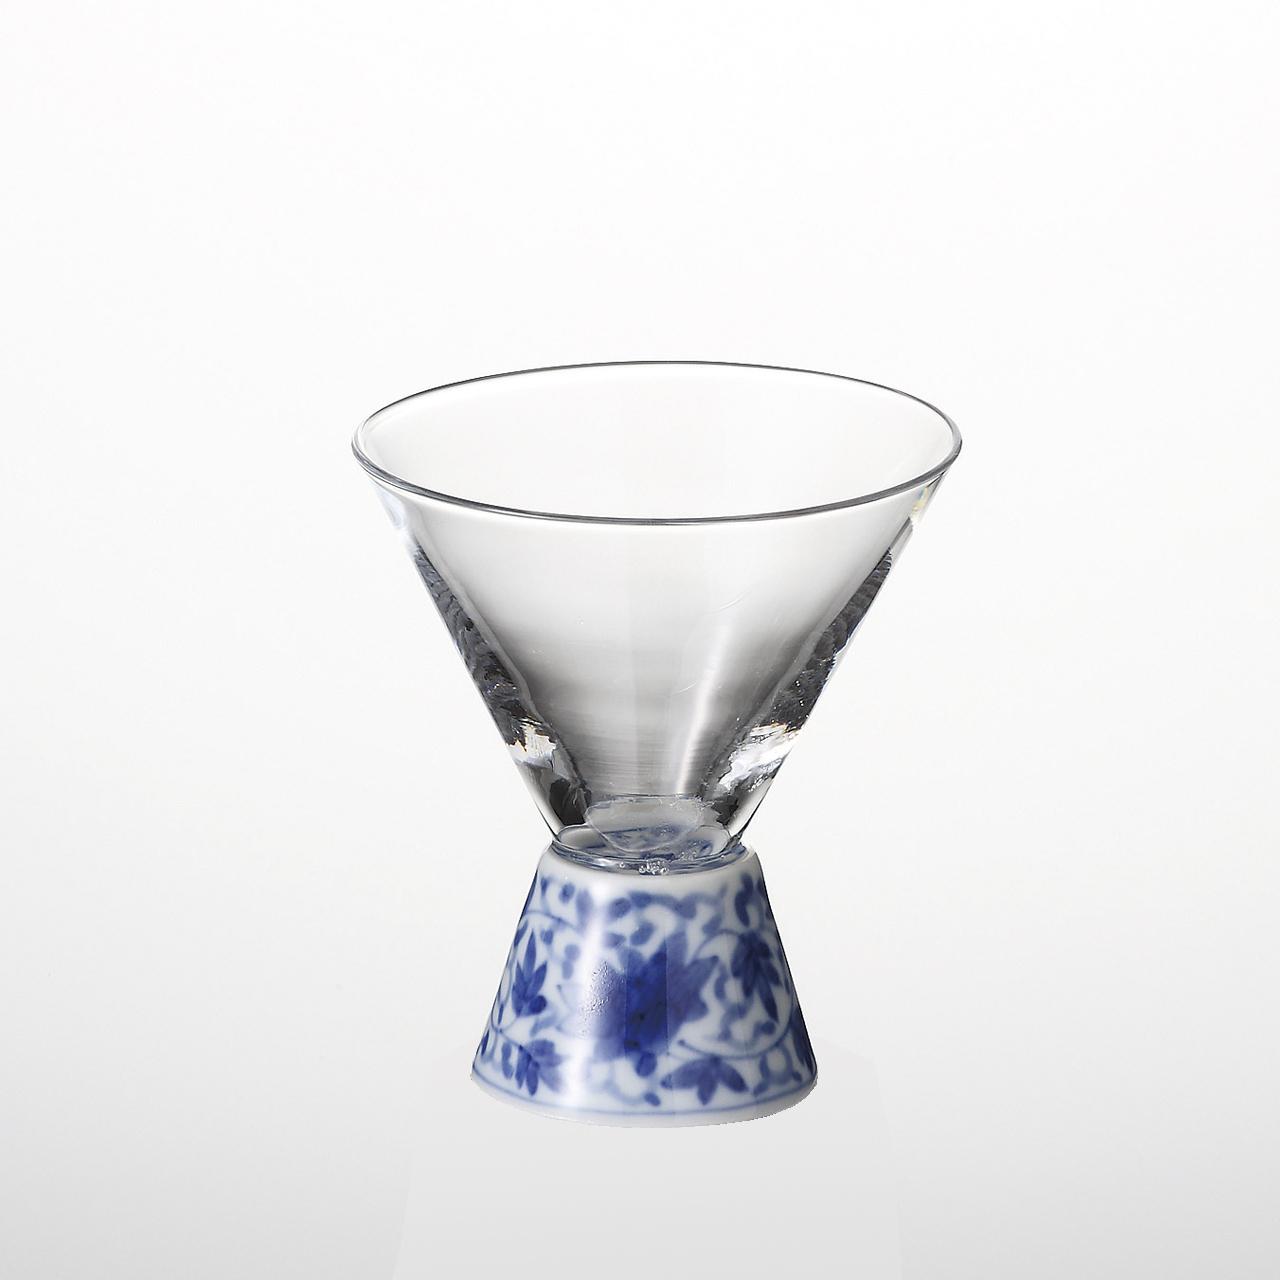 酒グラス(台形) 染付華唐草 20-002-B